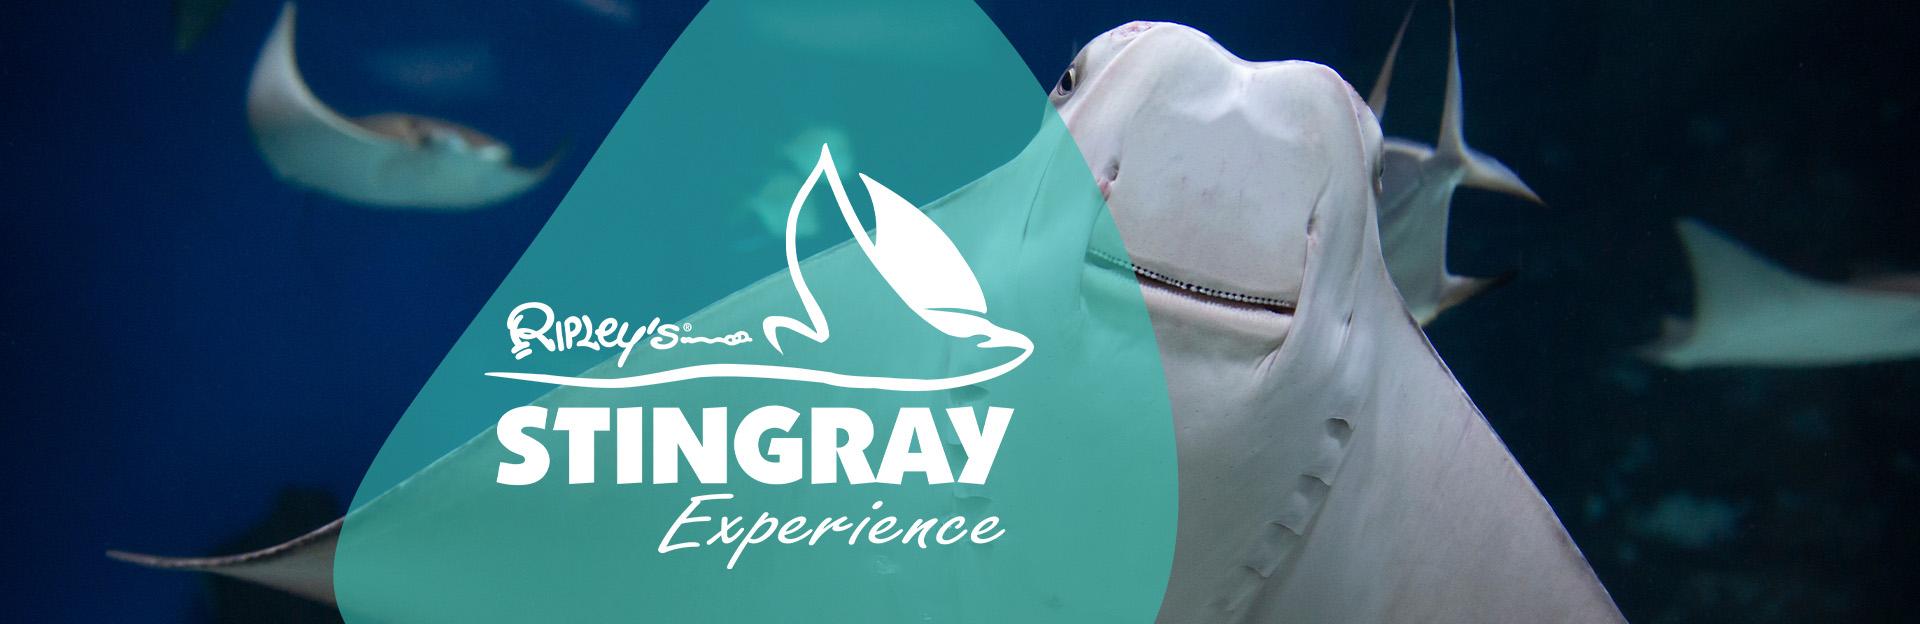 Stingray Experience image